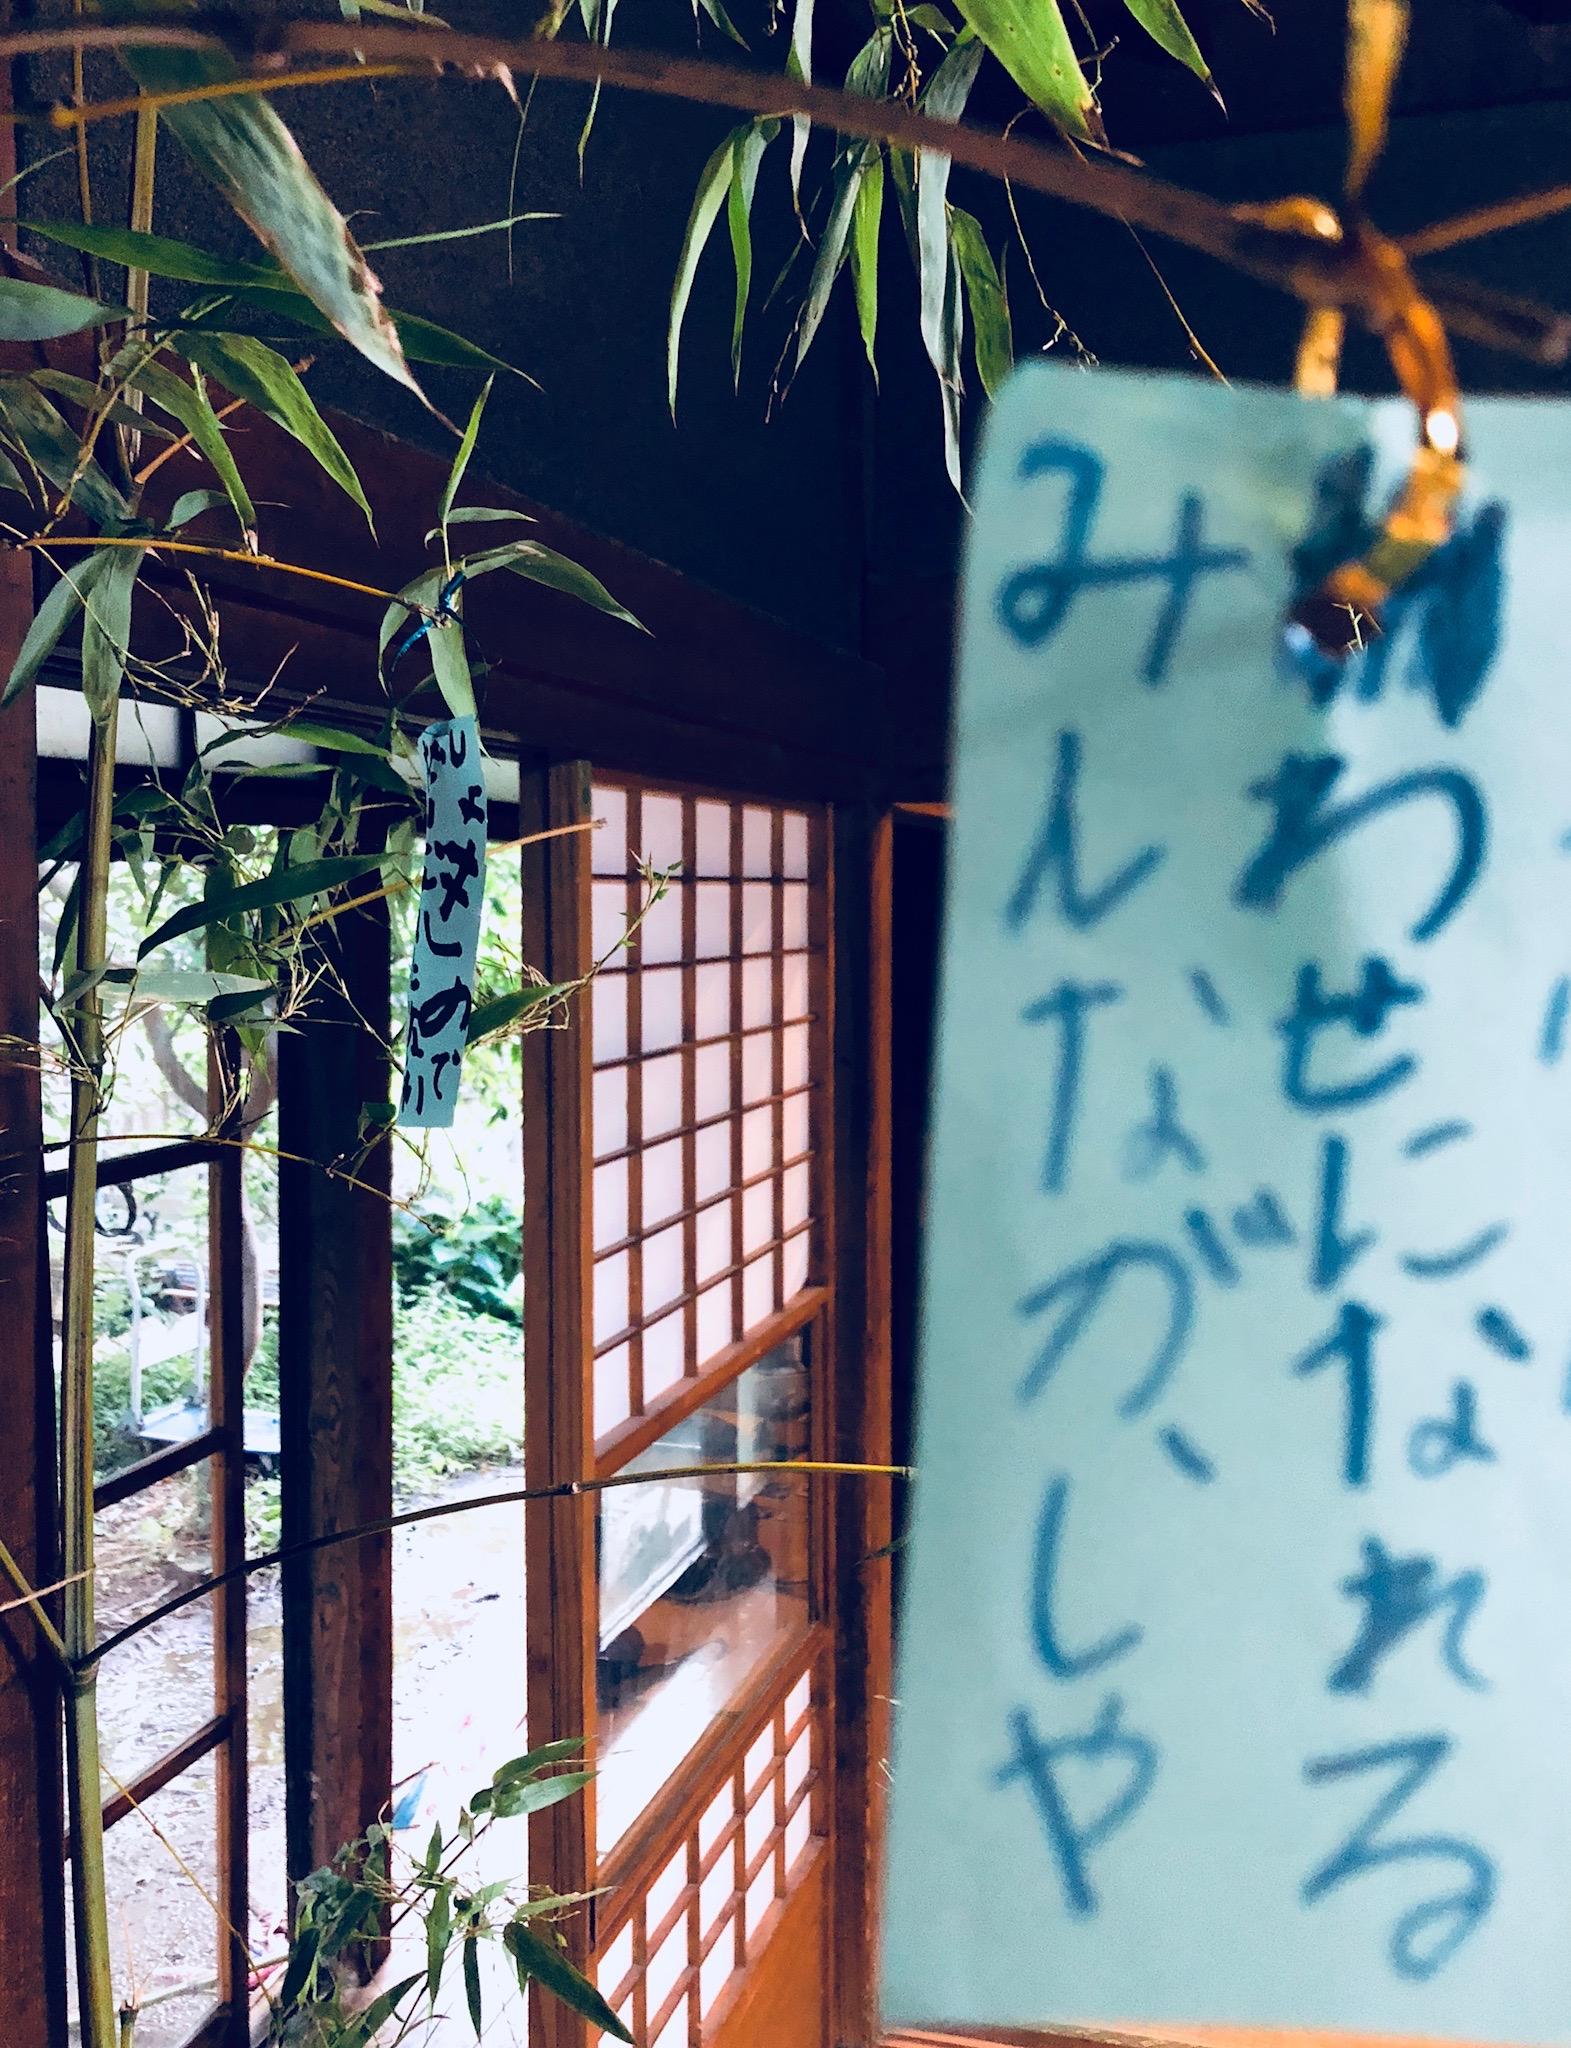 七夕の竹を取りに。みんながしあわせになれますよう。